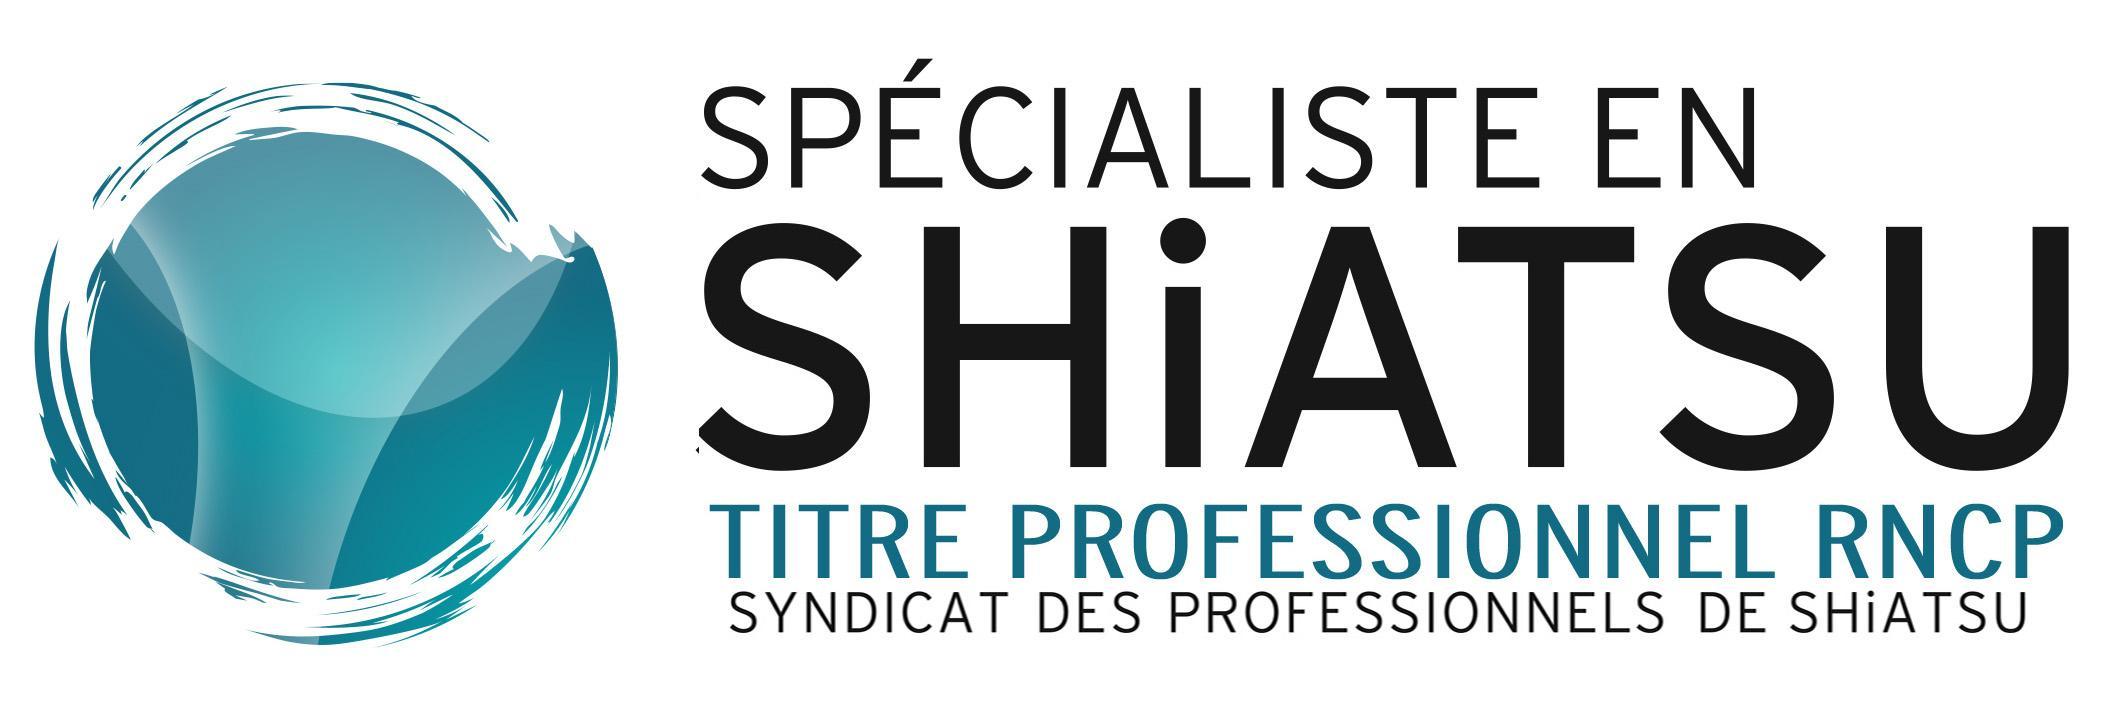 syndicat professionnel du shiatsu